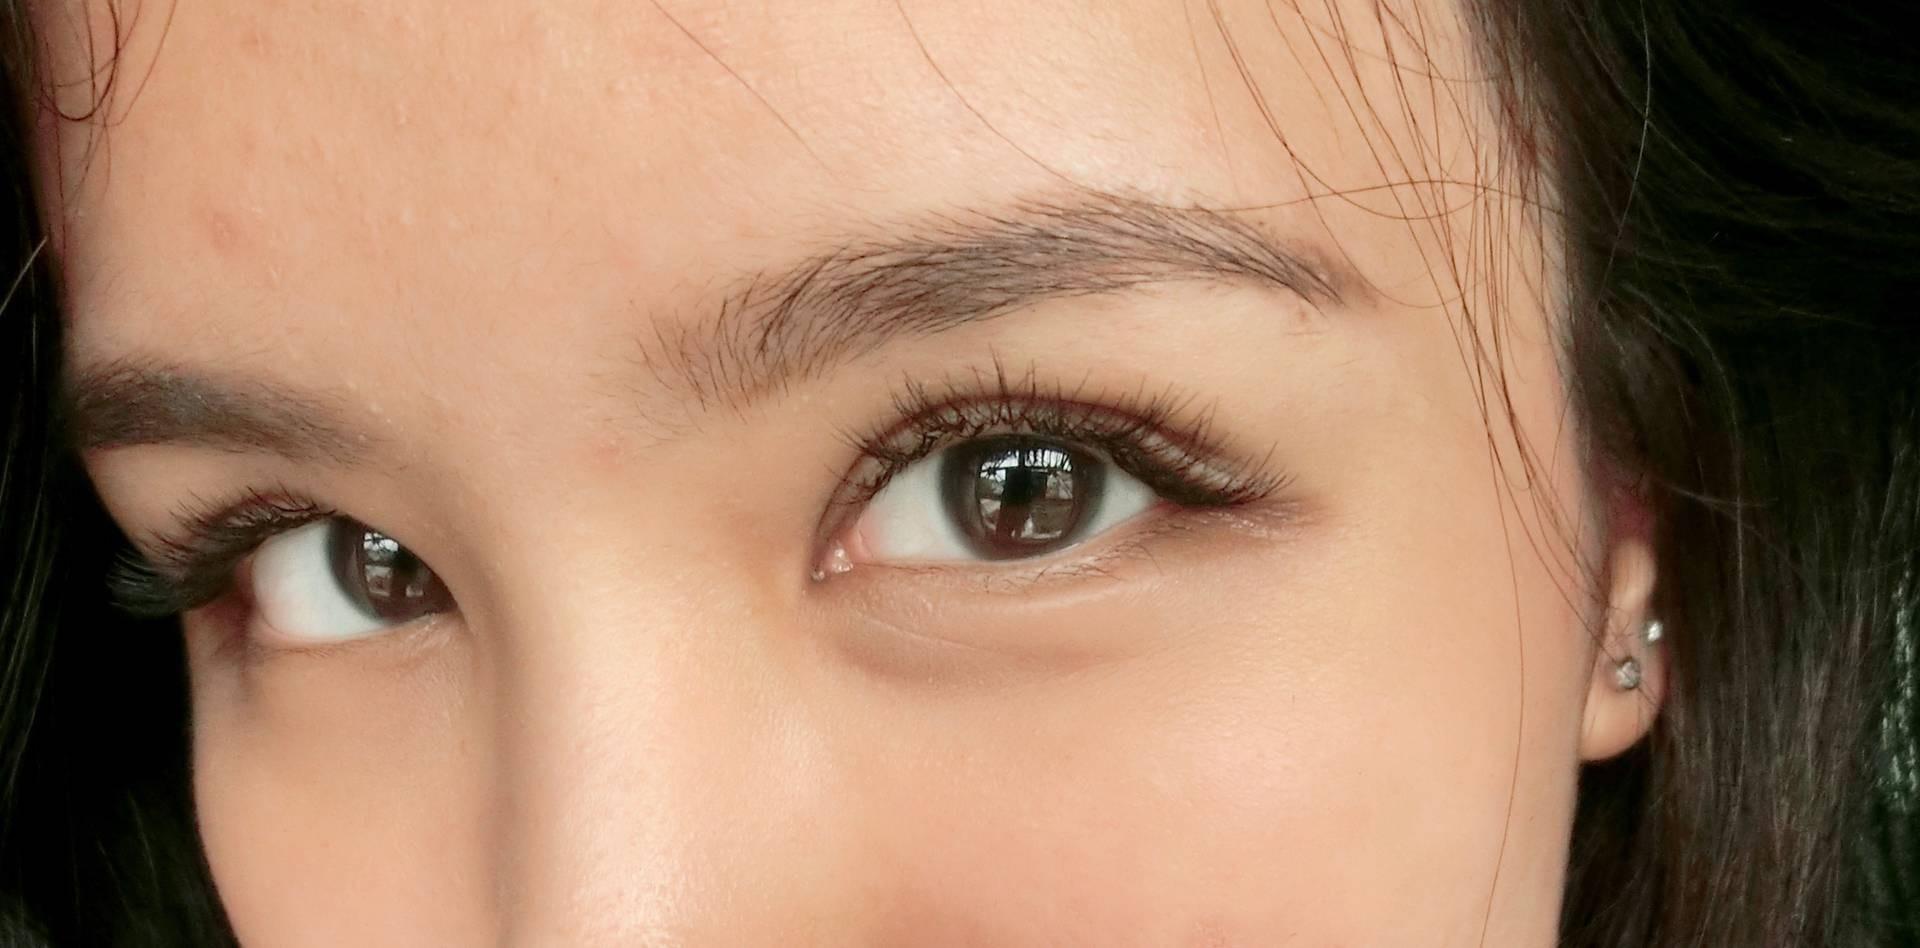 แบบ sexy style ขนตาช่วงหางตาจะยาวกว่าตรงหัวตาค่ะ